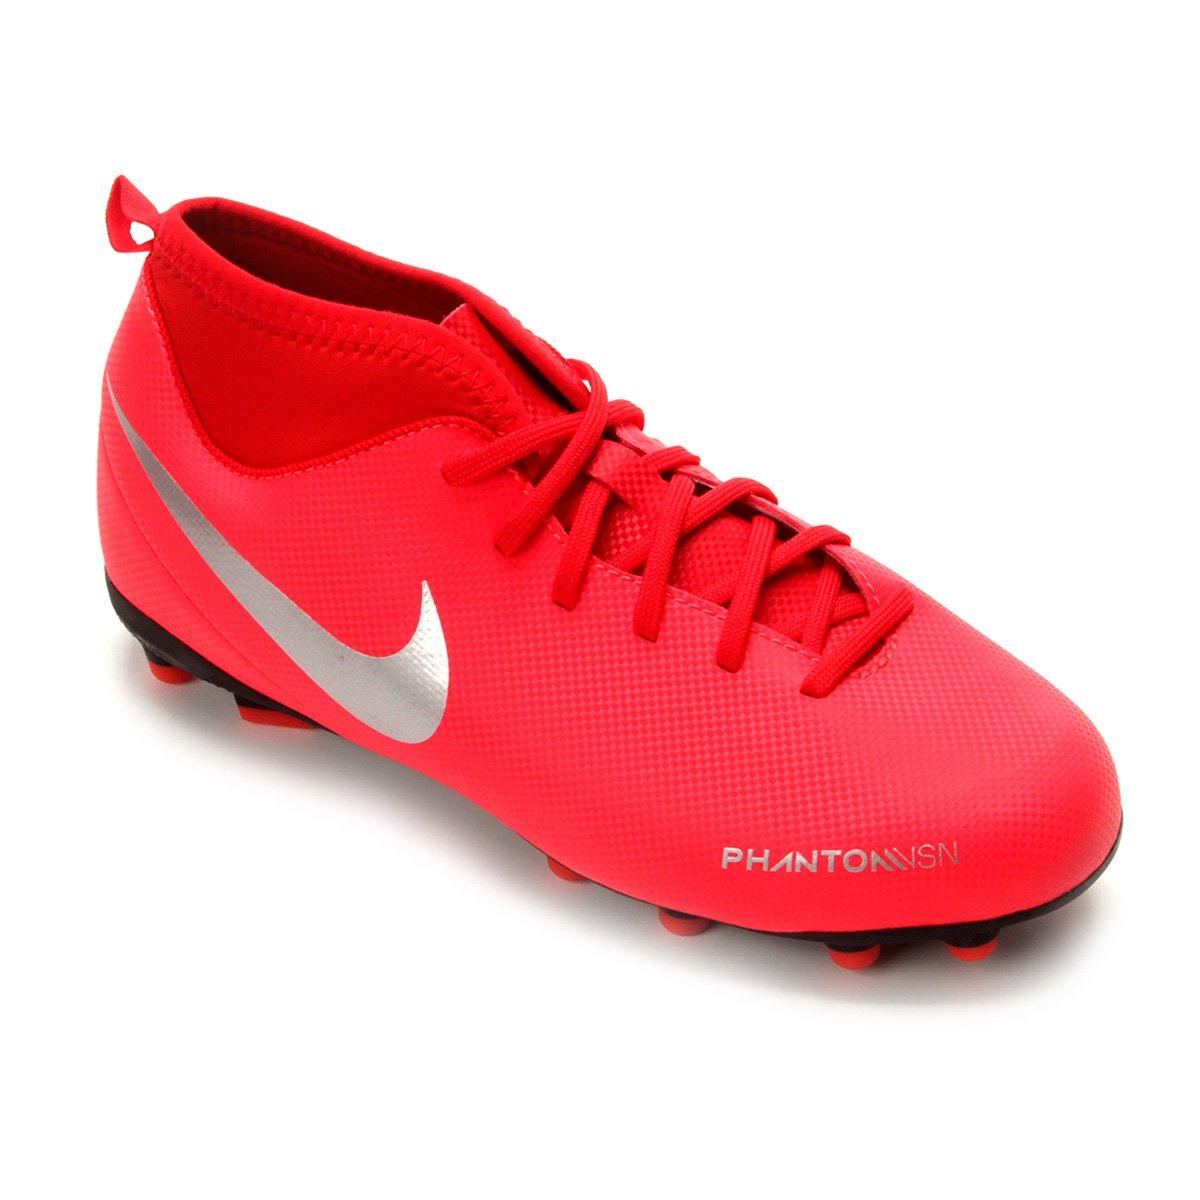 79f4d3d1f1 Chuteira Campo Infantil Nike Phantom Vision Club DF FG - Vermelho e Prata